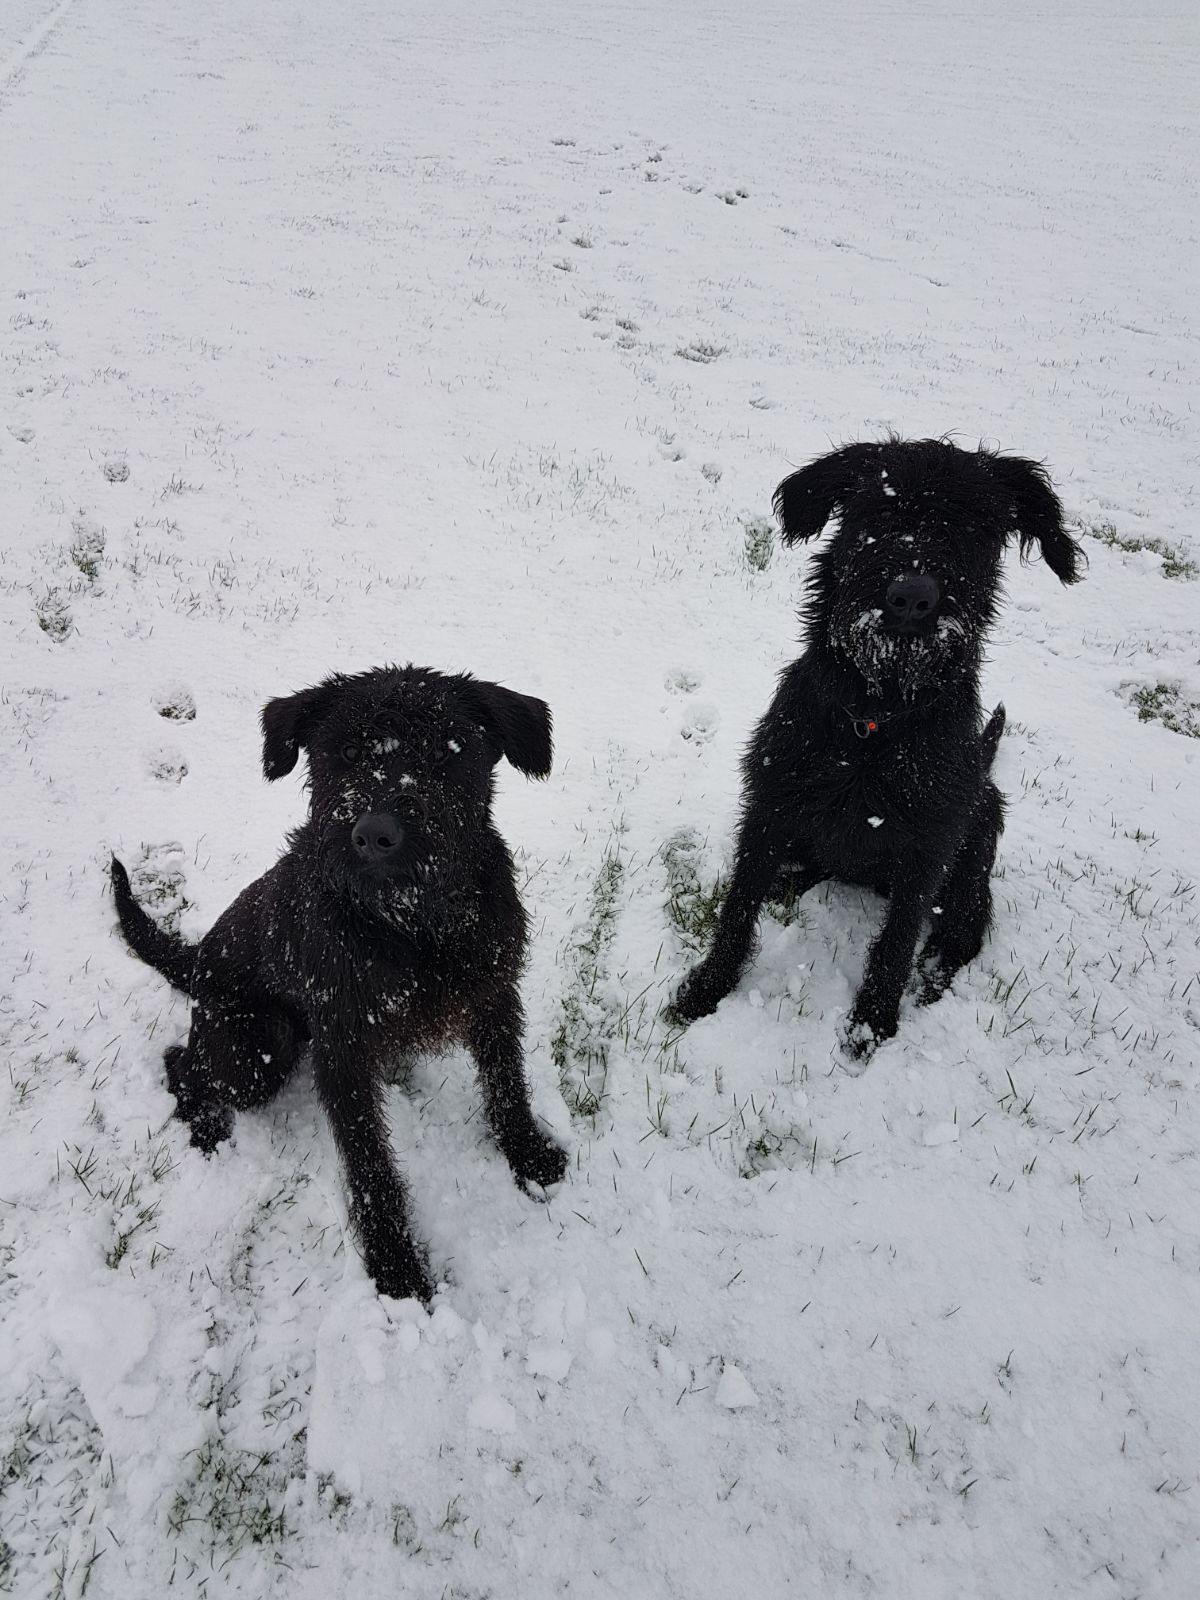 Dog Handling VINOVIUM ASSOCIATE